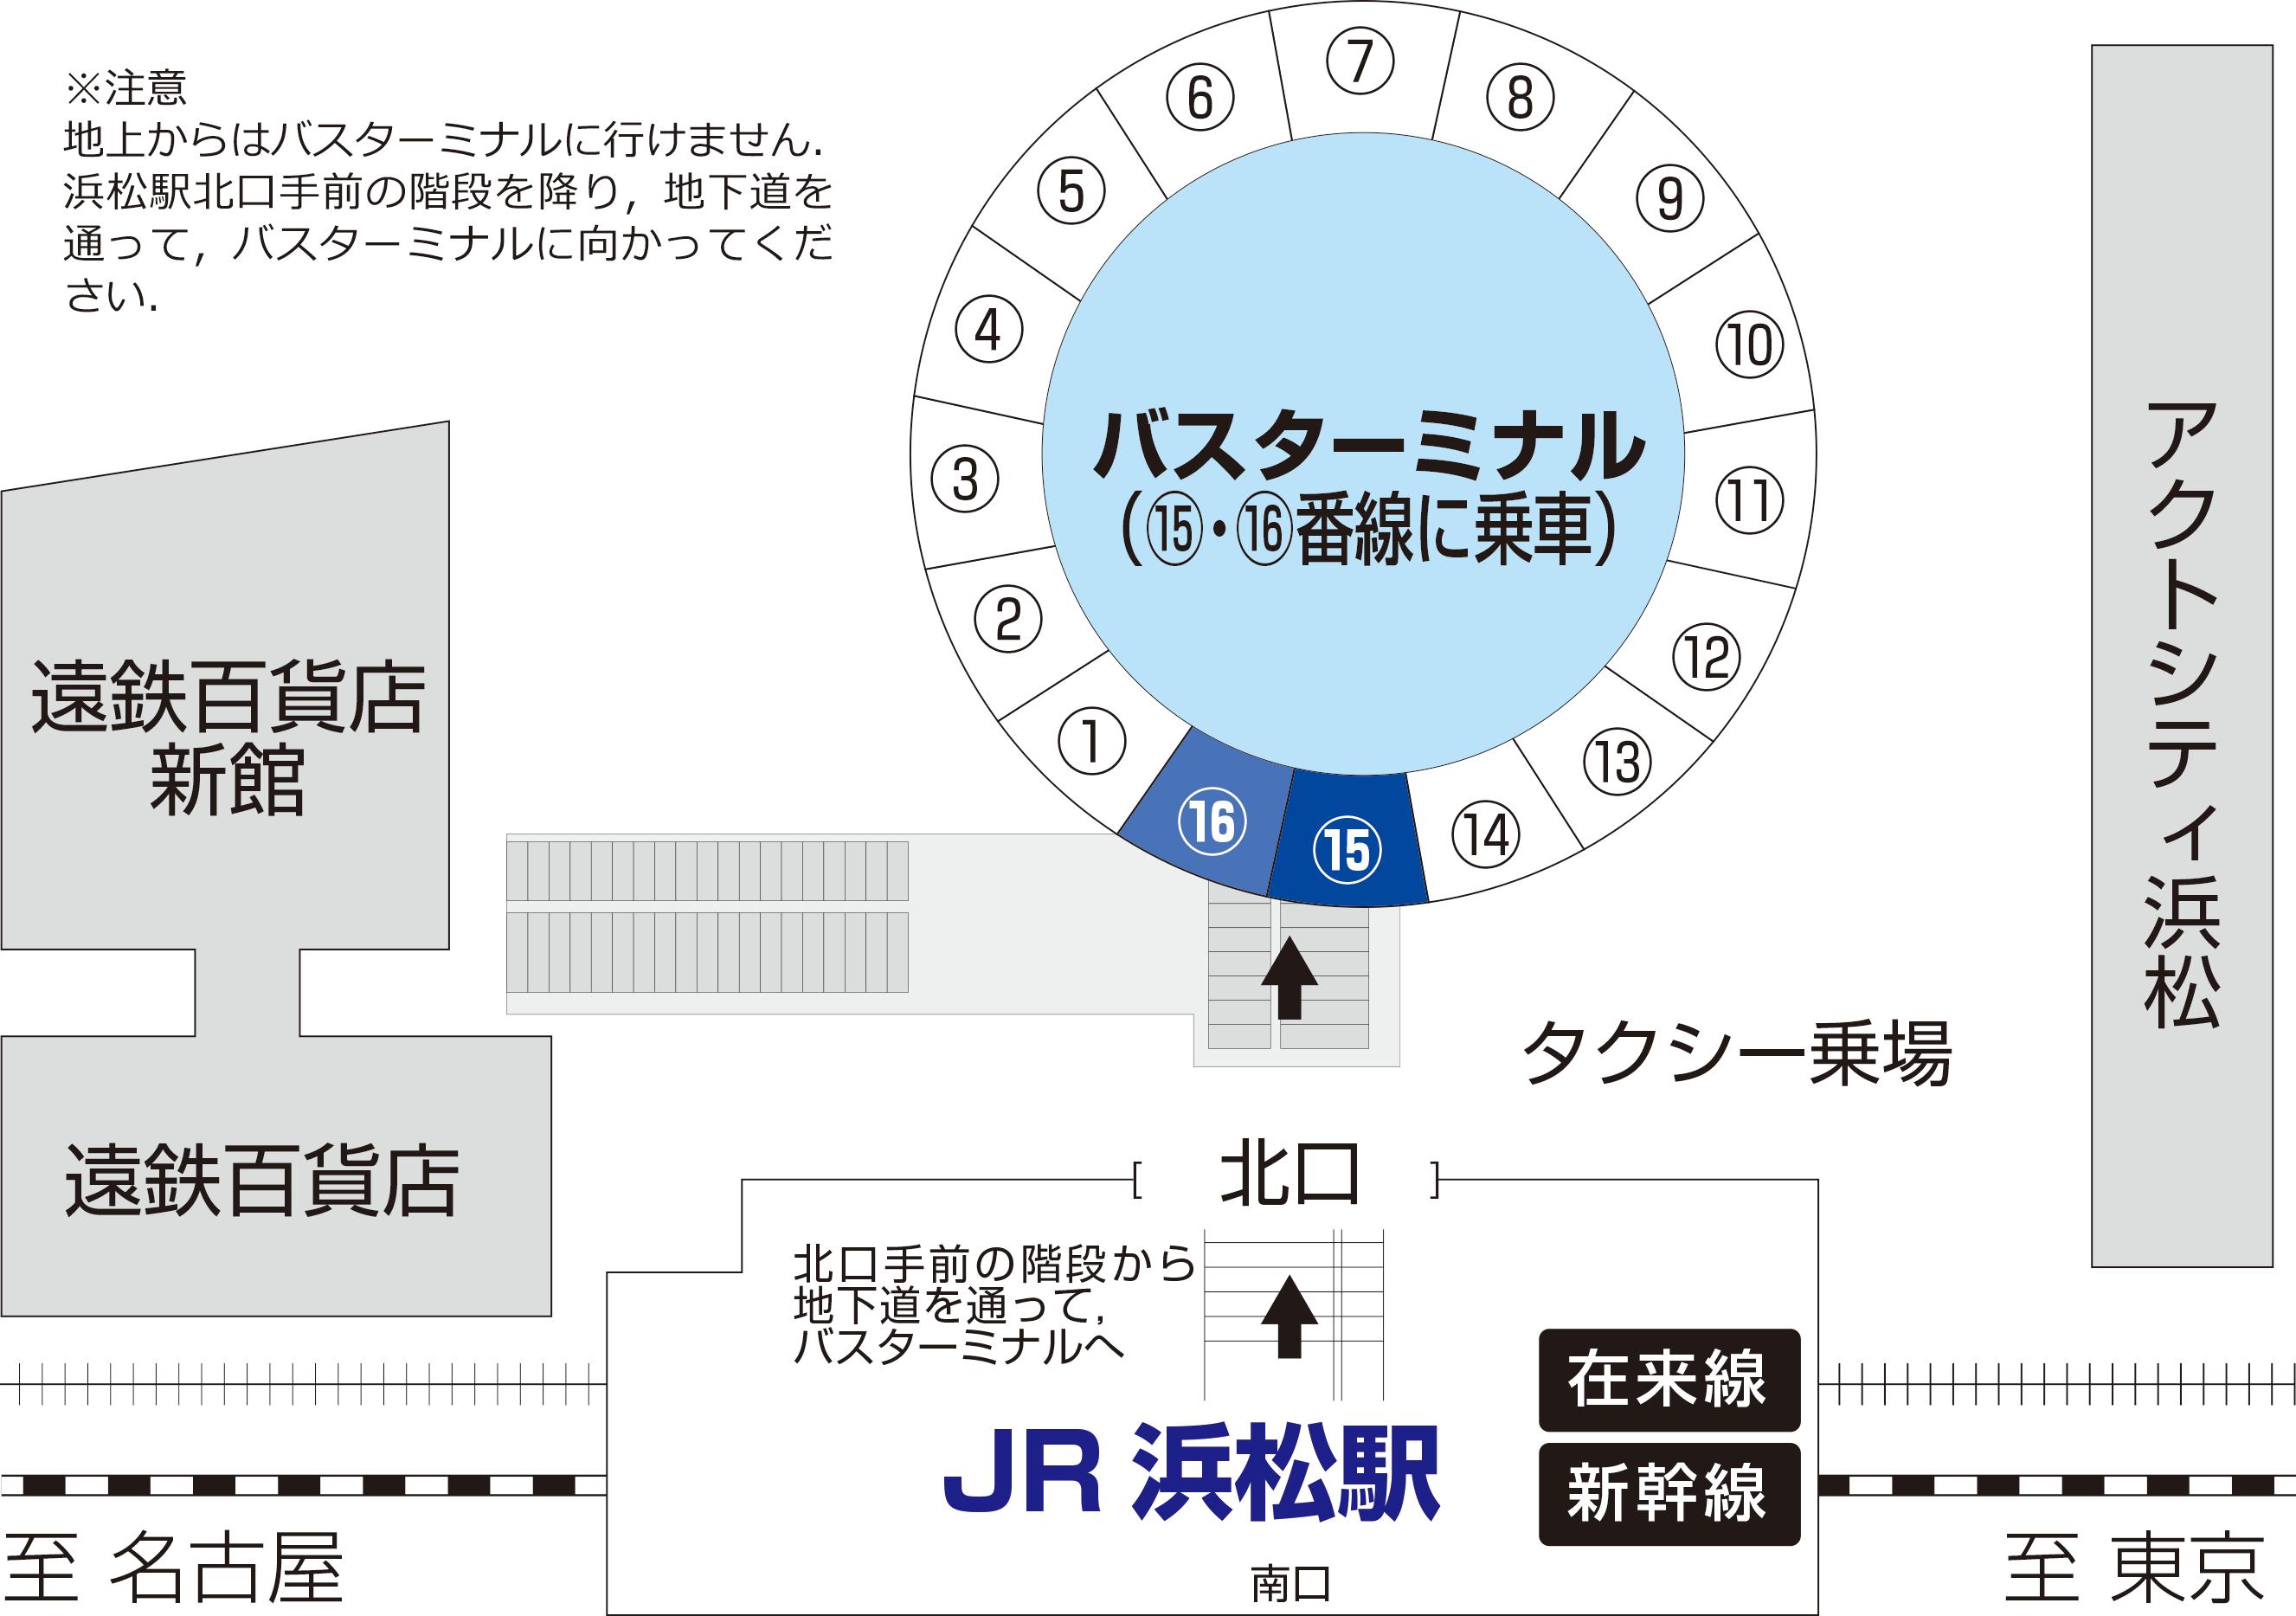 日本認知科学会第36回大会